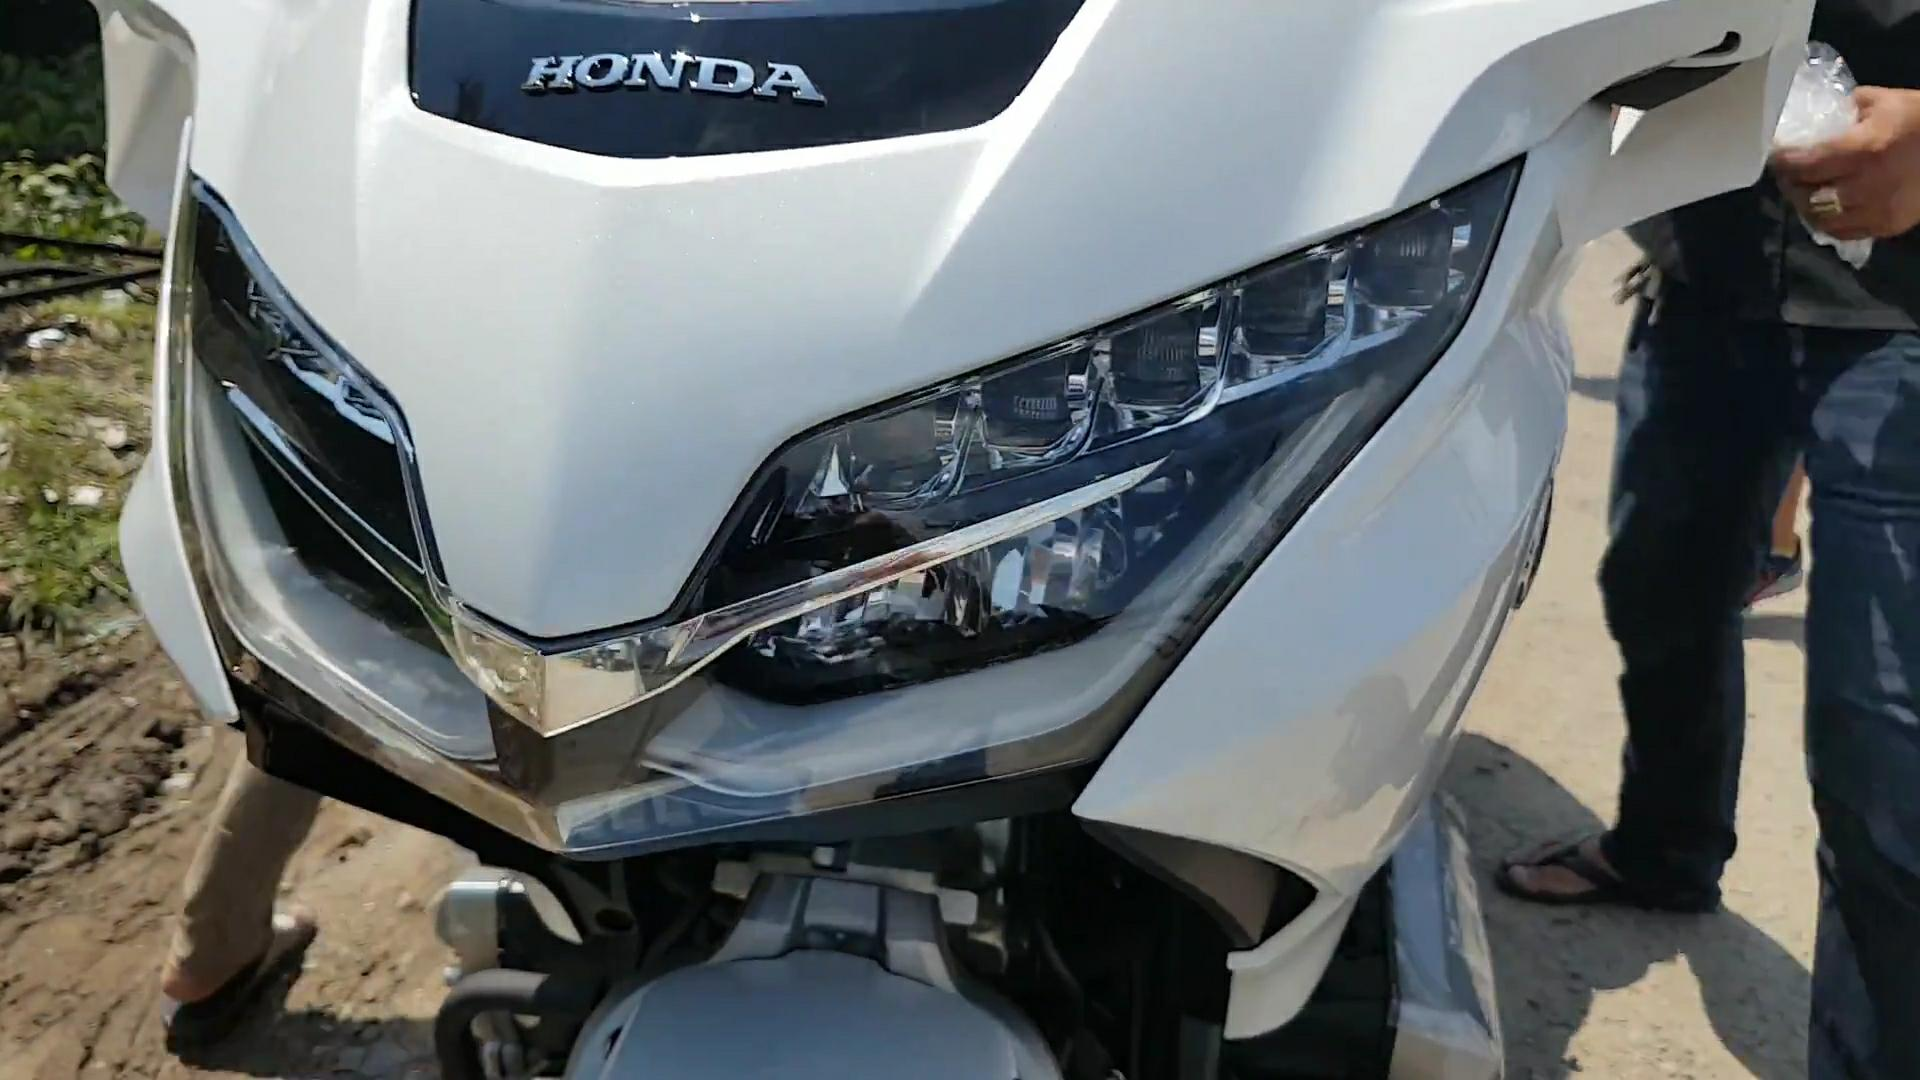 Thị trường xe - Honda Goldwing 2018: 'Vừa rửa xe, vừa nghe nhạc' đầu tiên về Việt Nam (Hình 9).